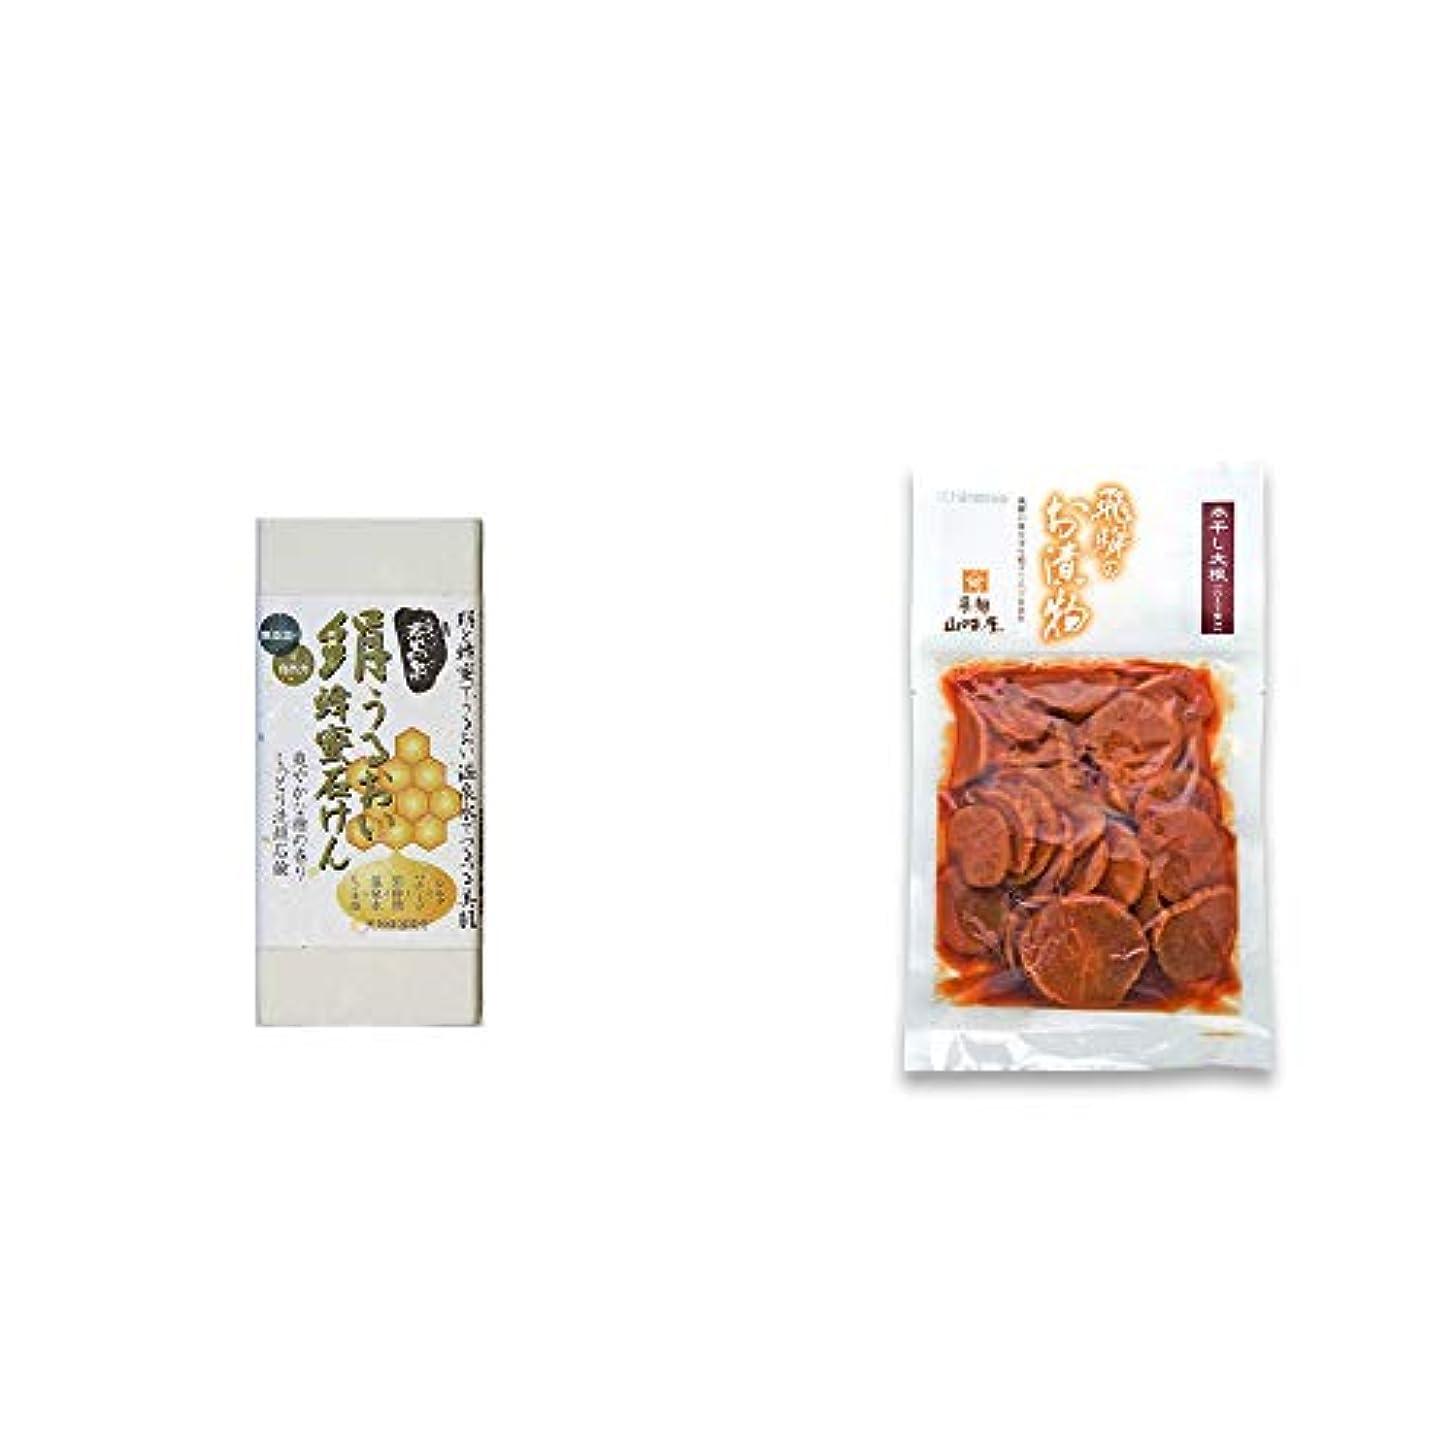 昨日ベギンループ[2点セット] ひのき炭黒泉 絹うるおい蜂蜜石けん(75g×2)?飛騨山味屋 本干し大根(135g)